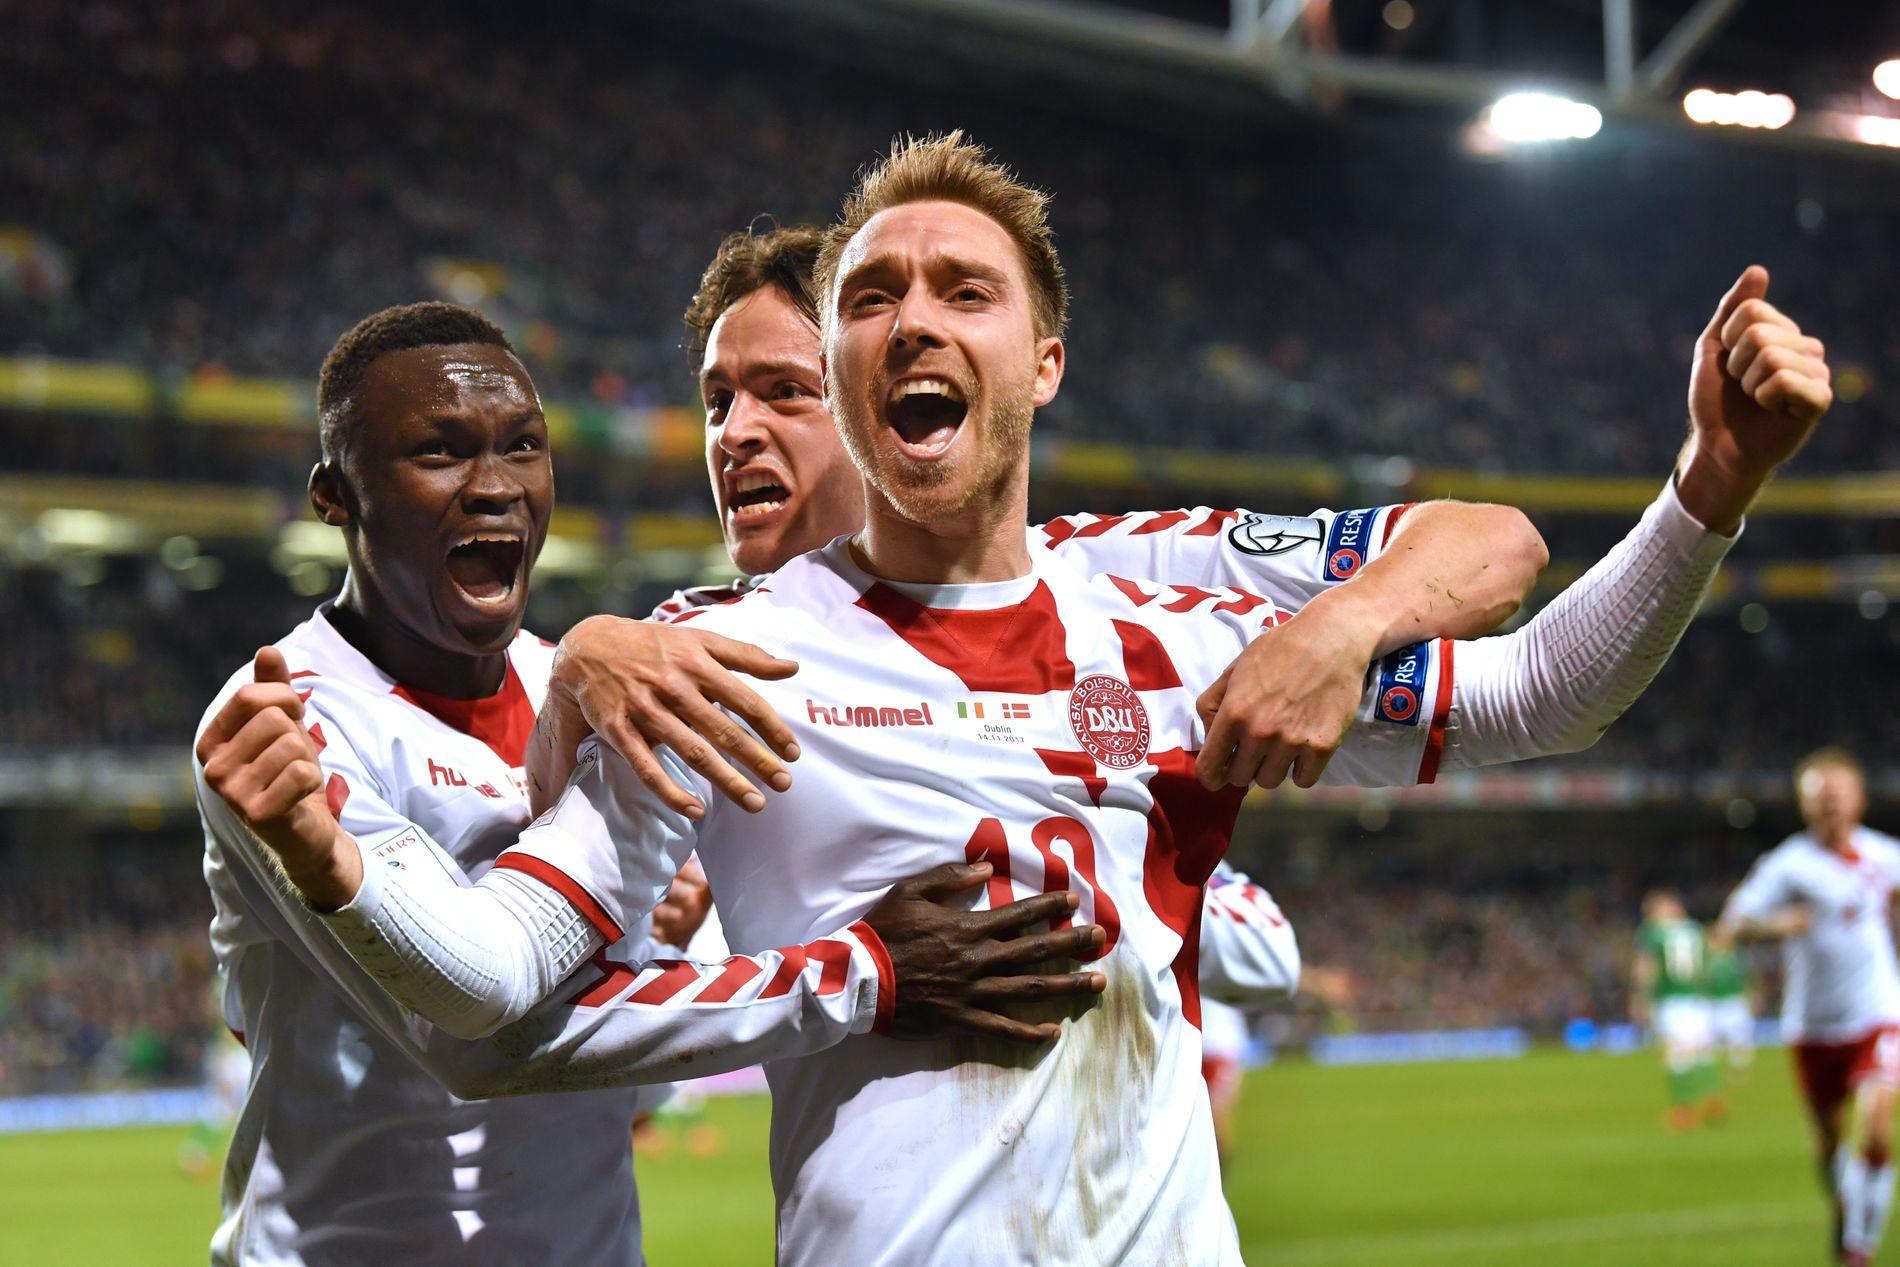 HOVEDMANNEN: Irland-Danmark 1-5. Tre mål og hat-trick fra Danmarks Christian Eriksen.